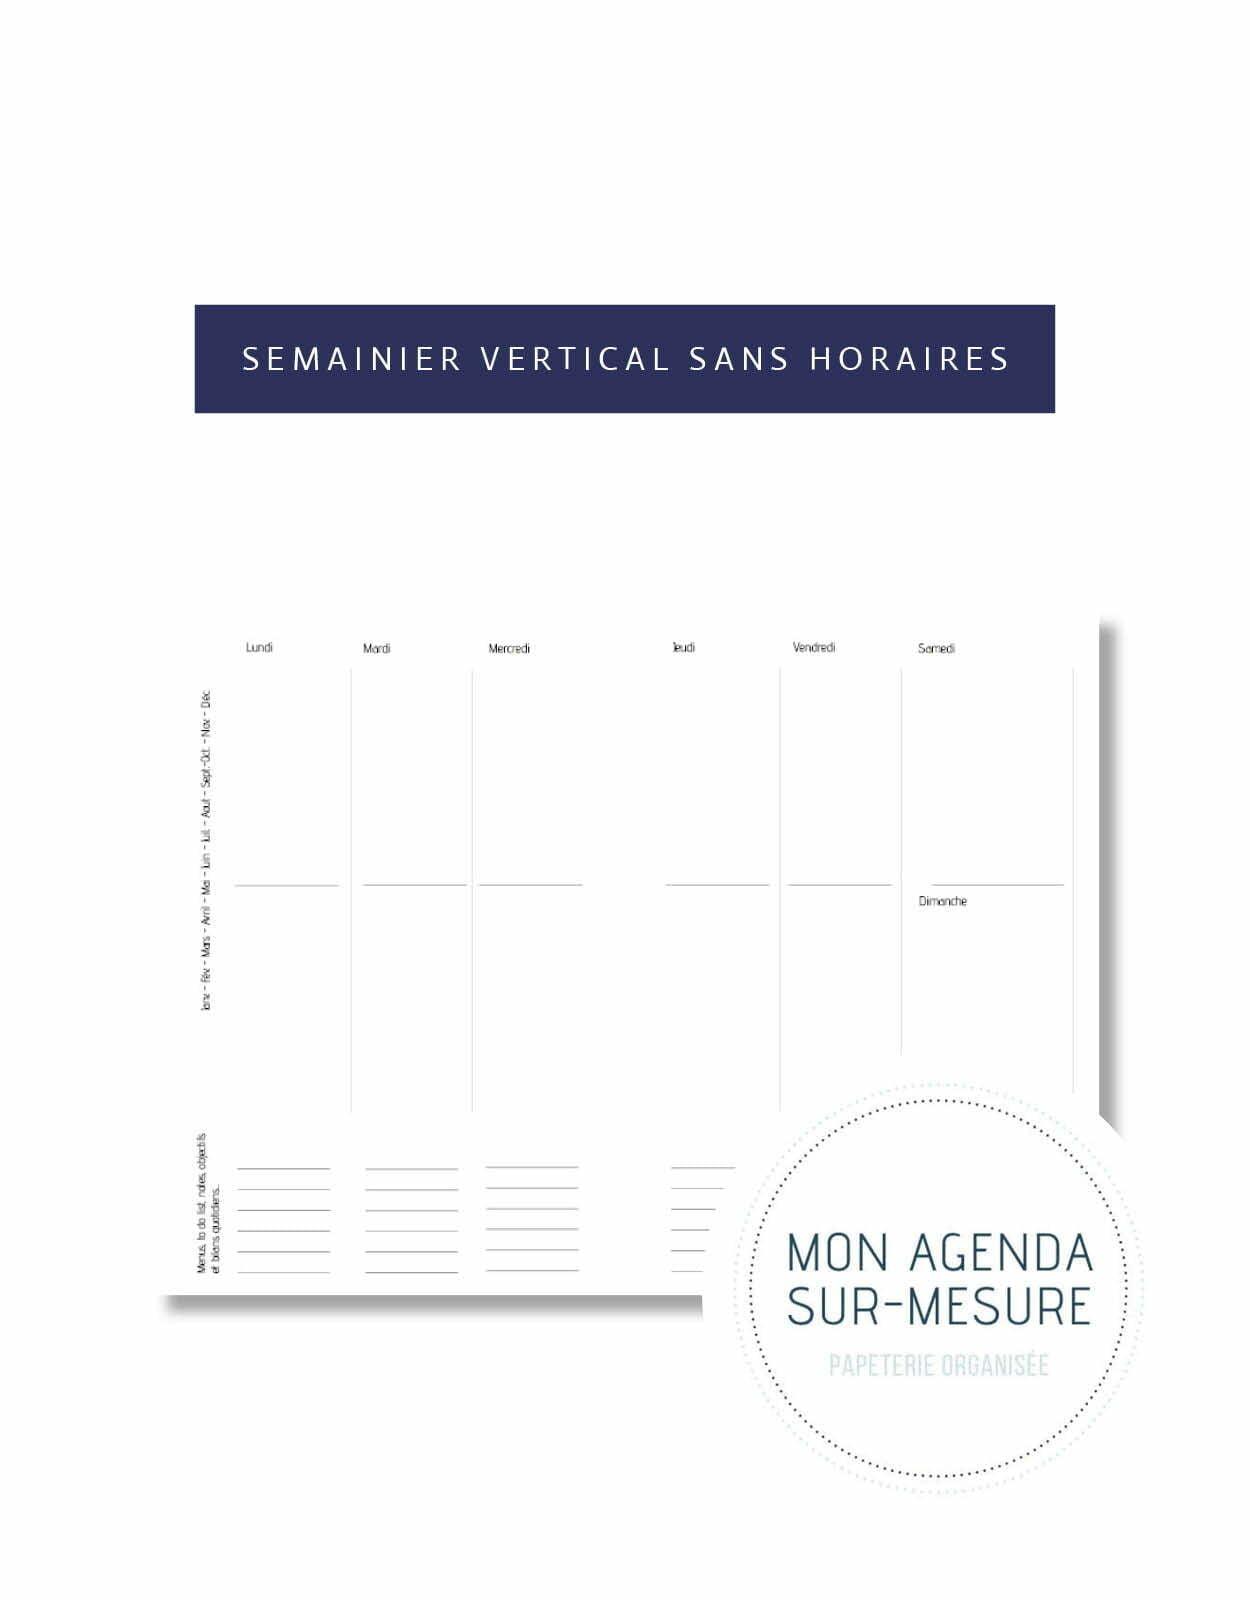 page-agenda-sur-mesure-semainier-vertical-sans-horaires